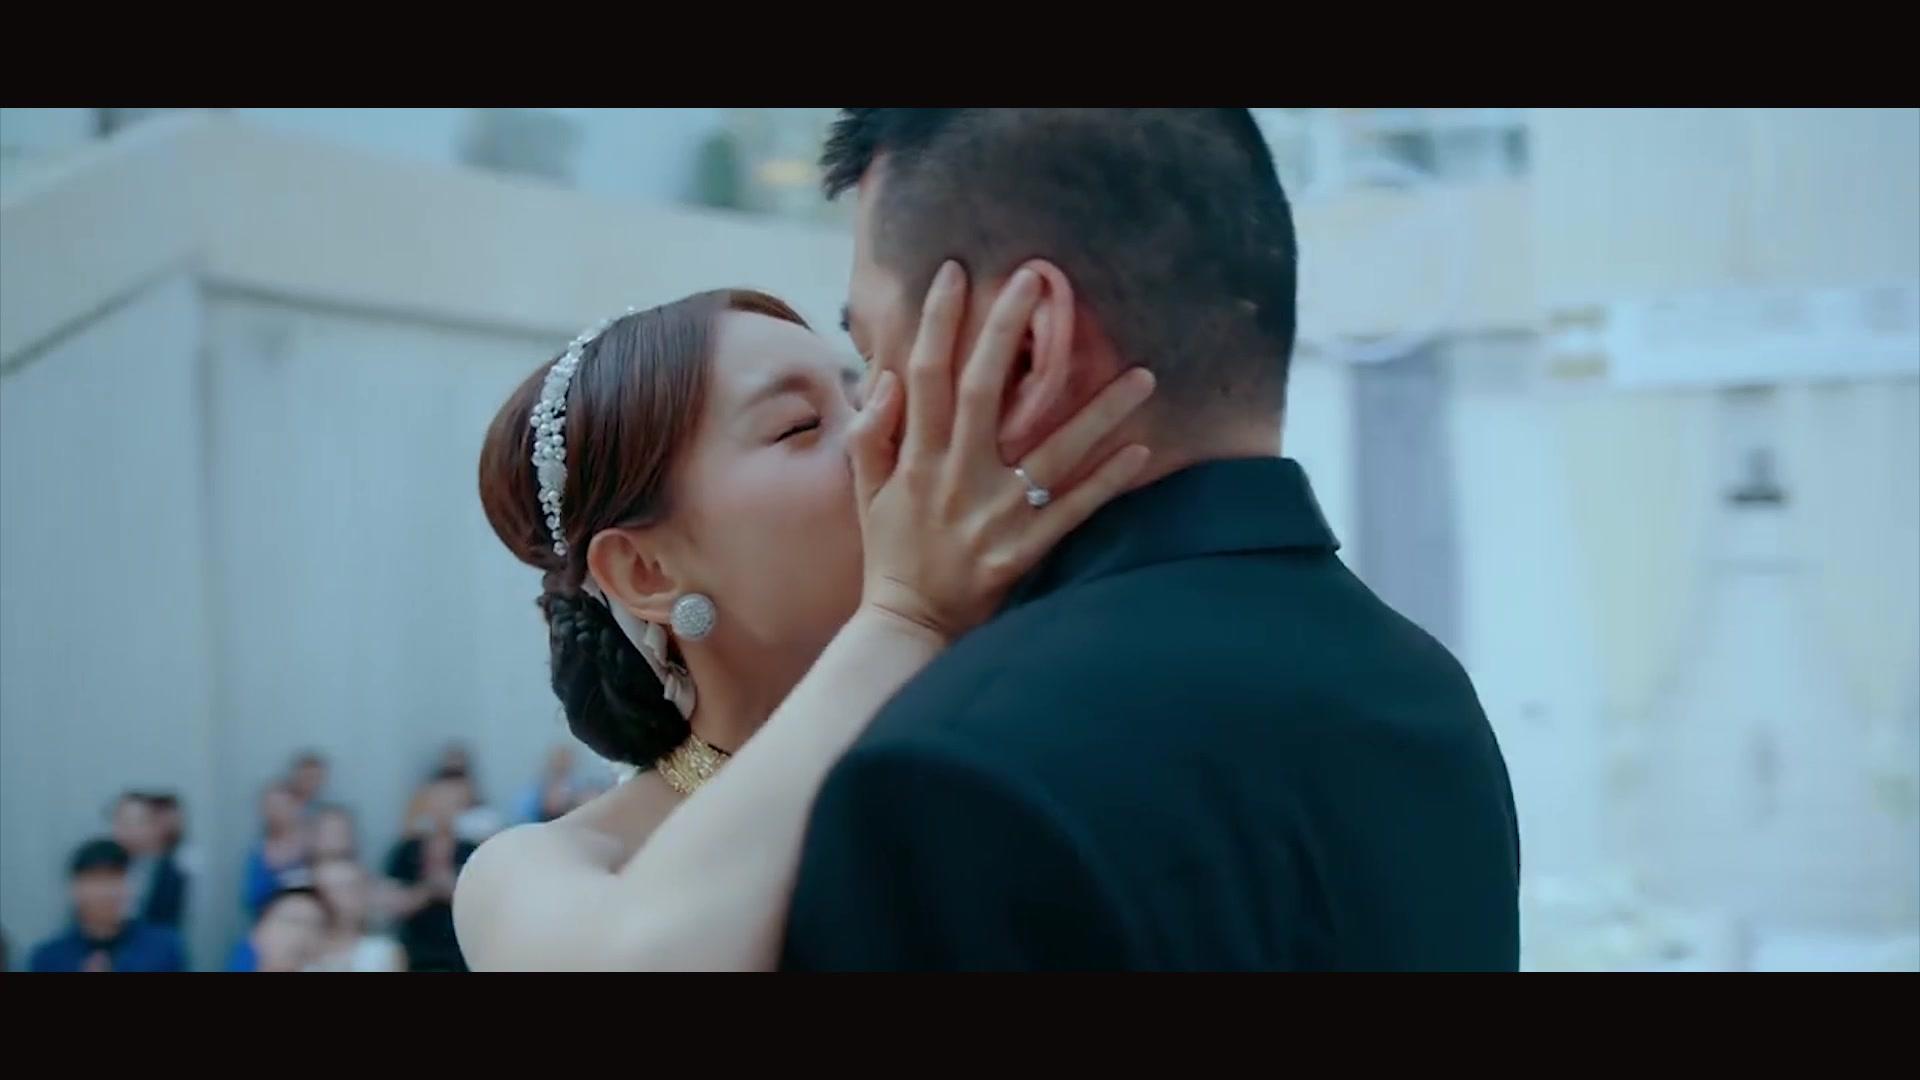 #追剧不能停#《爱我就别想太多》霸道总裁李洪海惨淡婚后生活,可怜